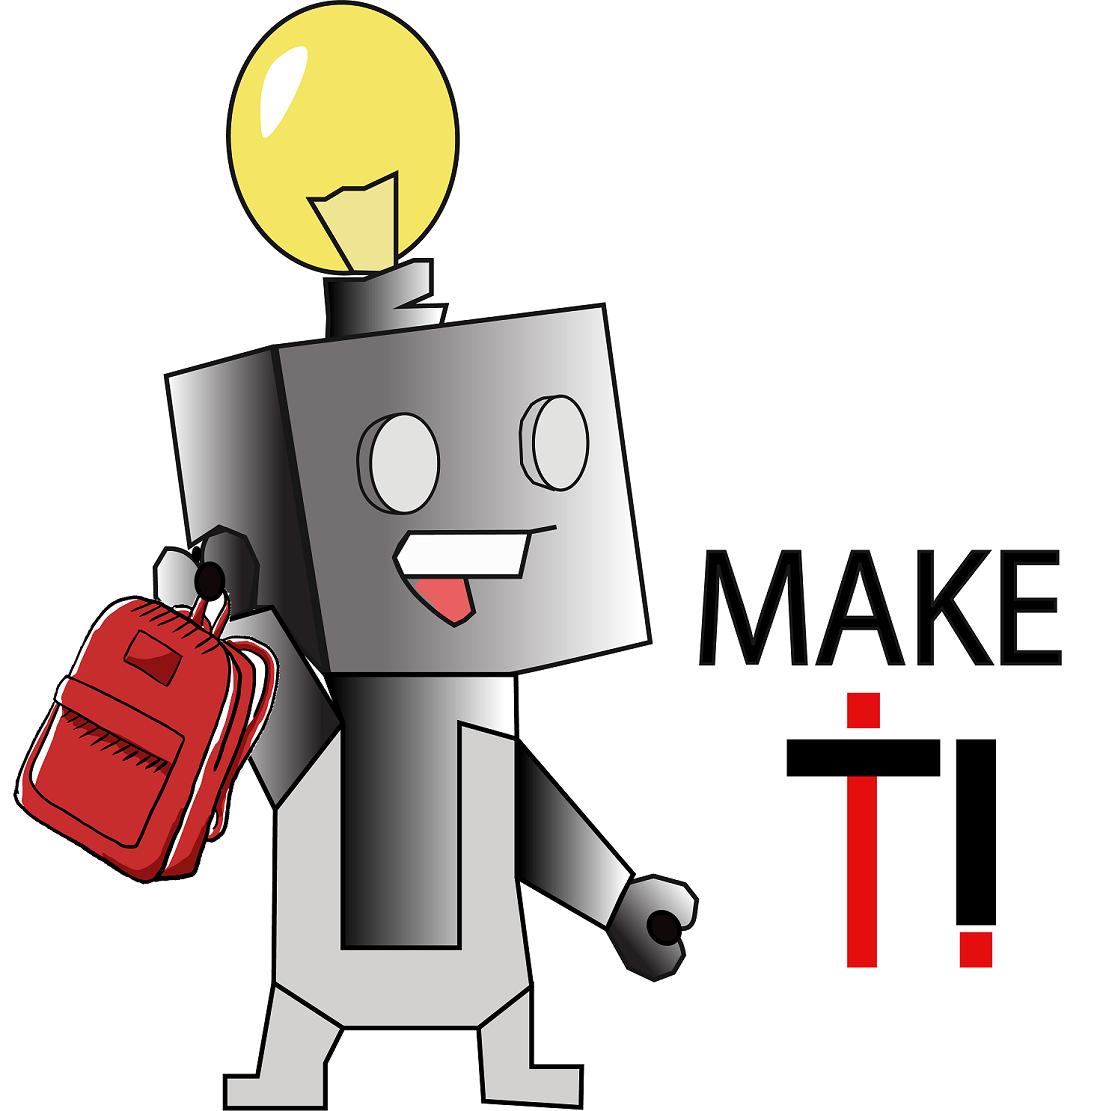 MakeIT! logo